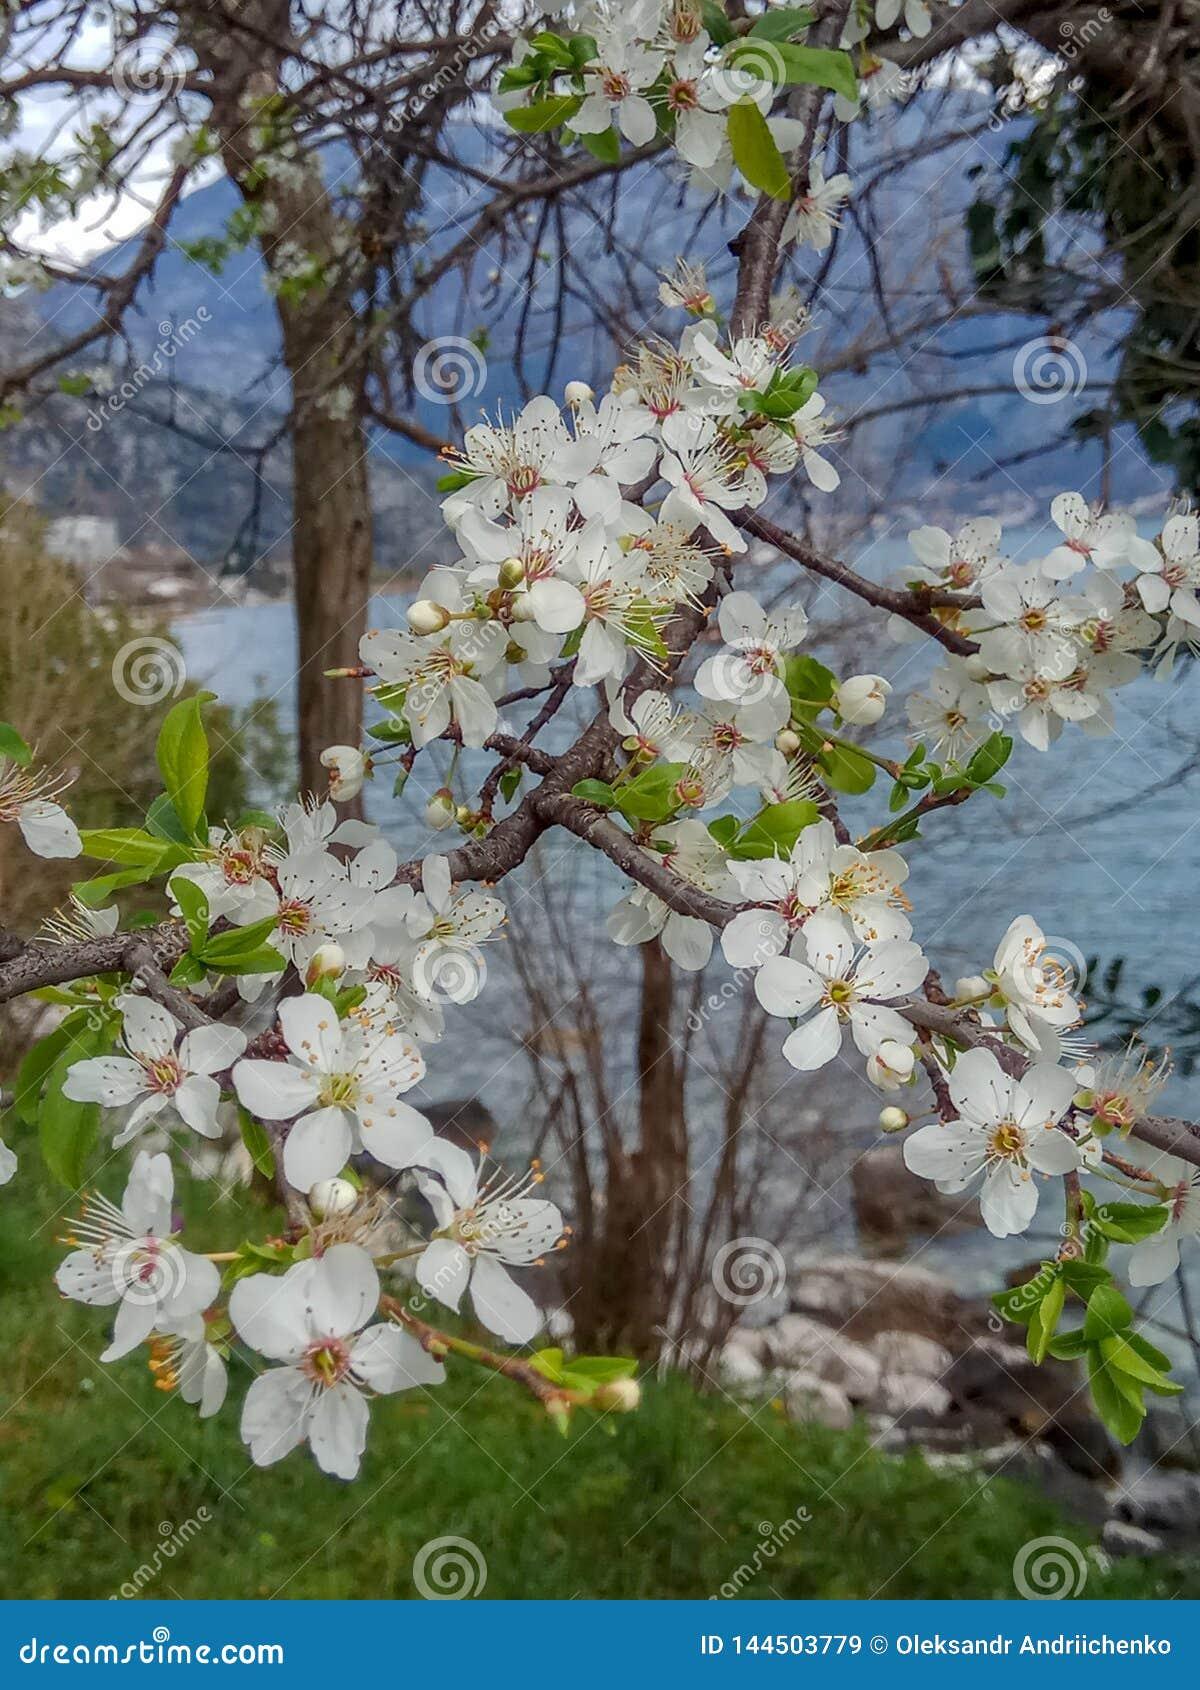 Άσπρος κλάδος λουλουδιών ανθών κατά τη διάρκεια της άνοιξης κοντά στη θάλασσα